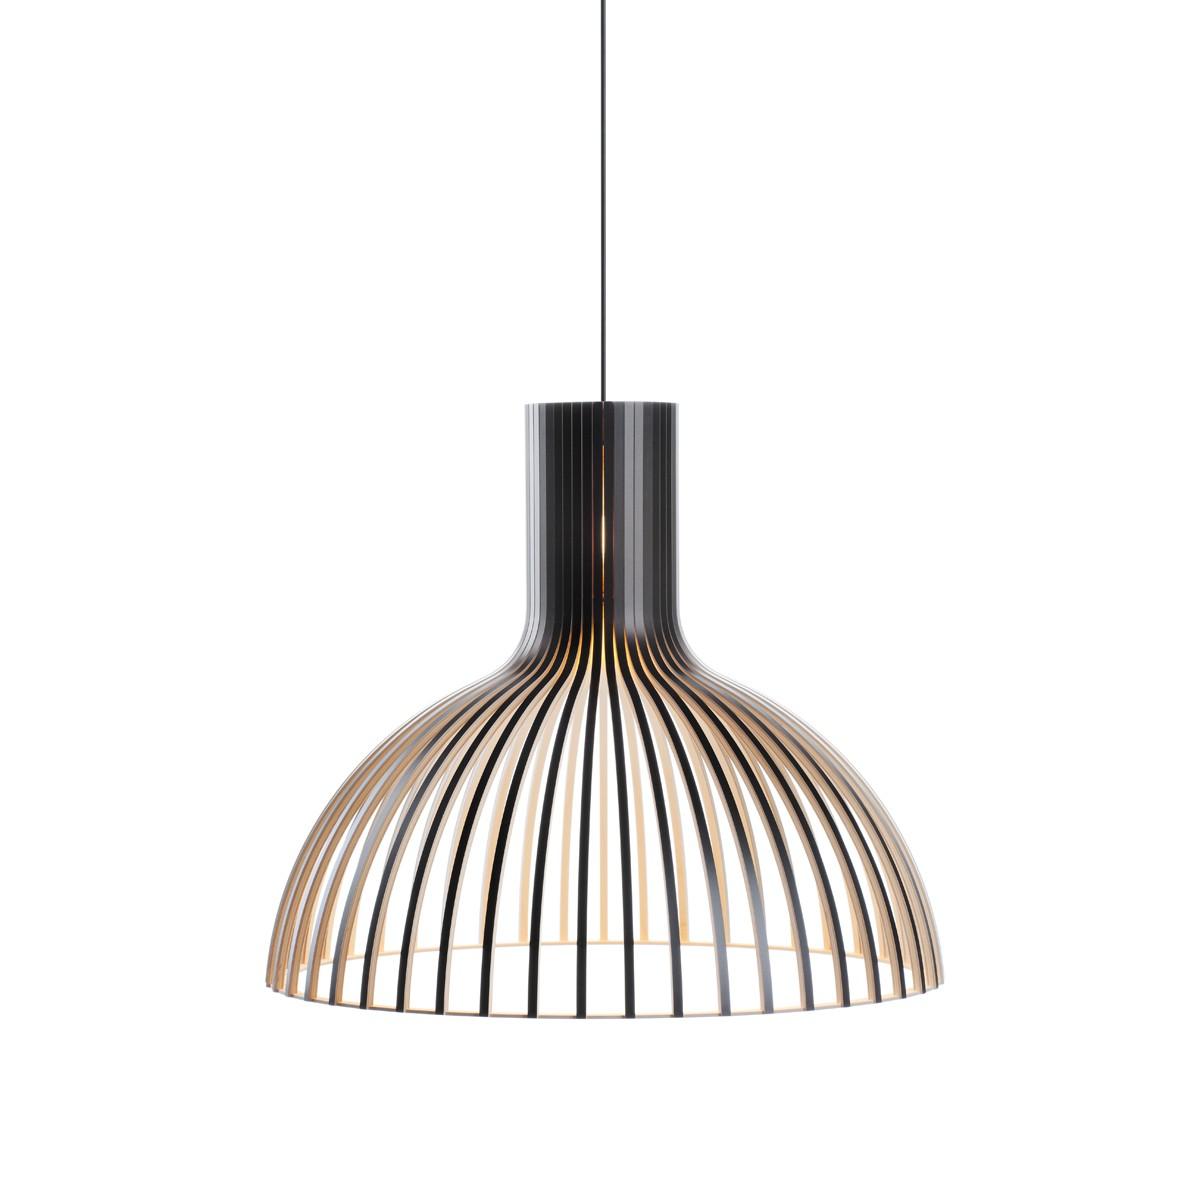 Secto Design Victo 4250 Pendelleuchte, schwarz laminiert, Kabel: schwarz